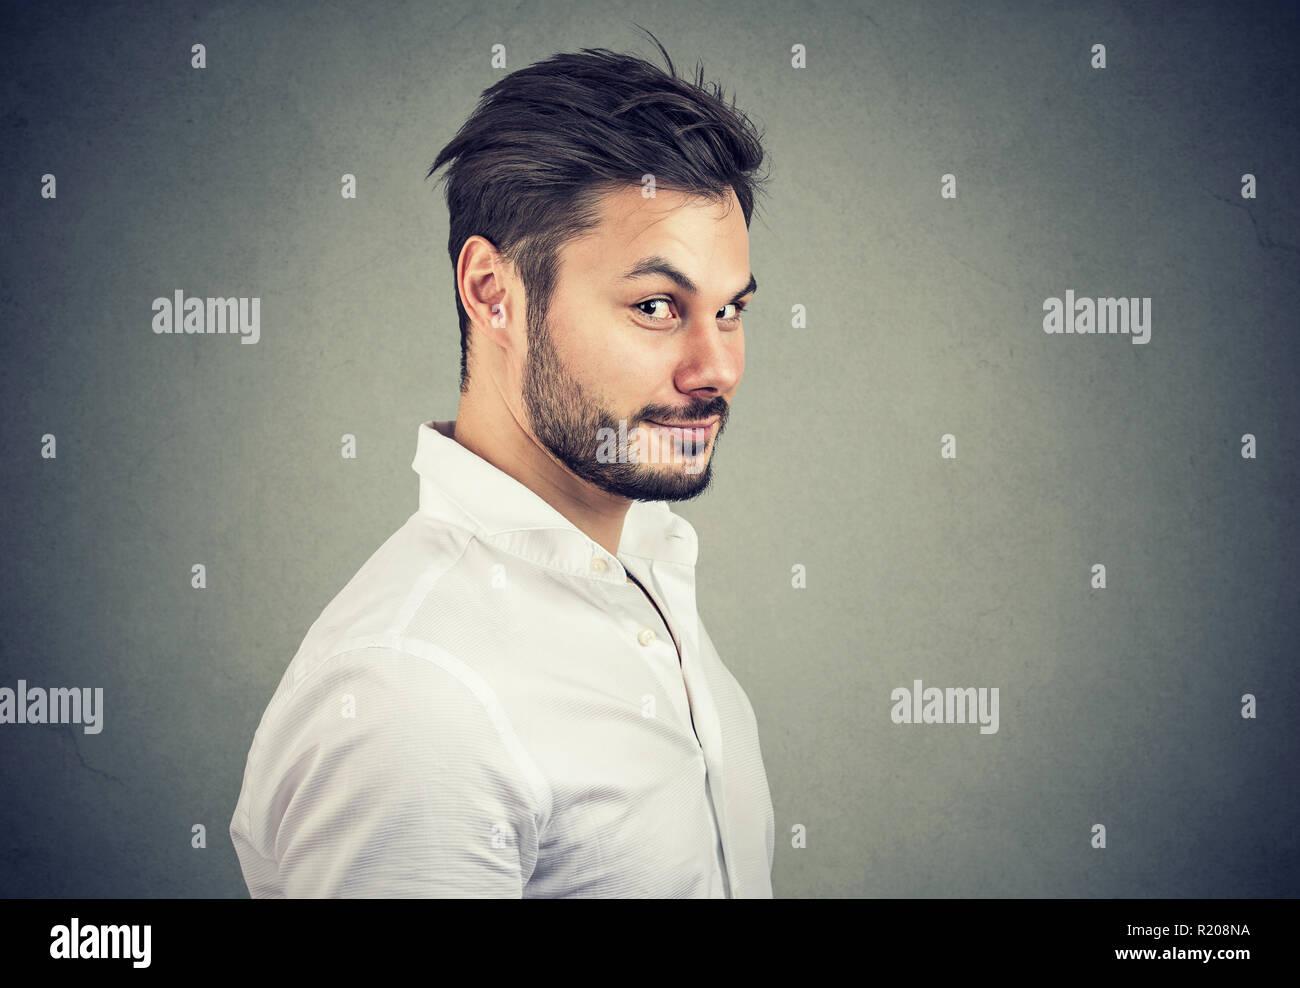 Jeune homme malhonnête en chemise blanche à prétendre avec sourire à huis clos sur fond gris Photo Stock